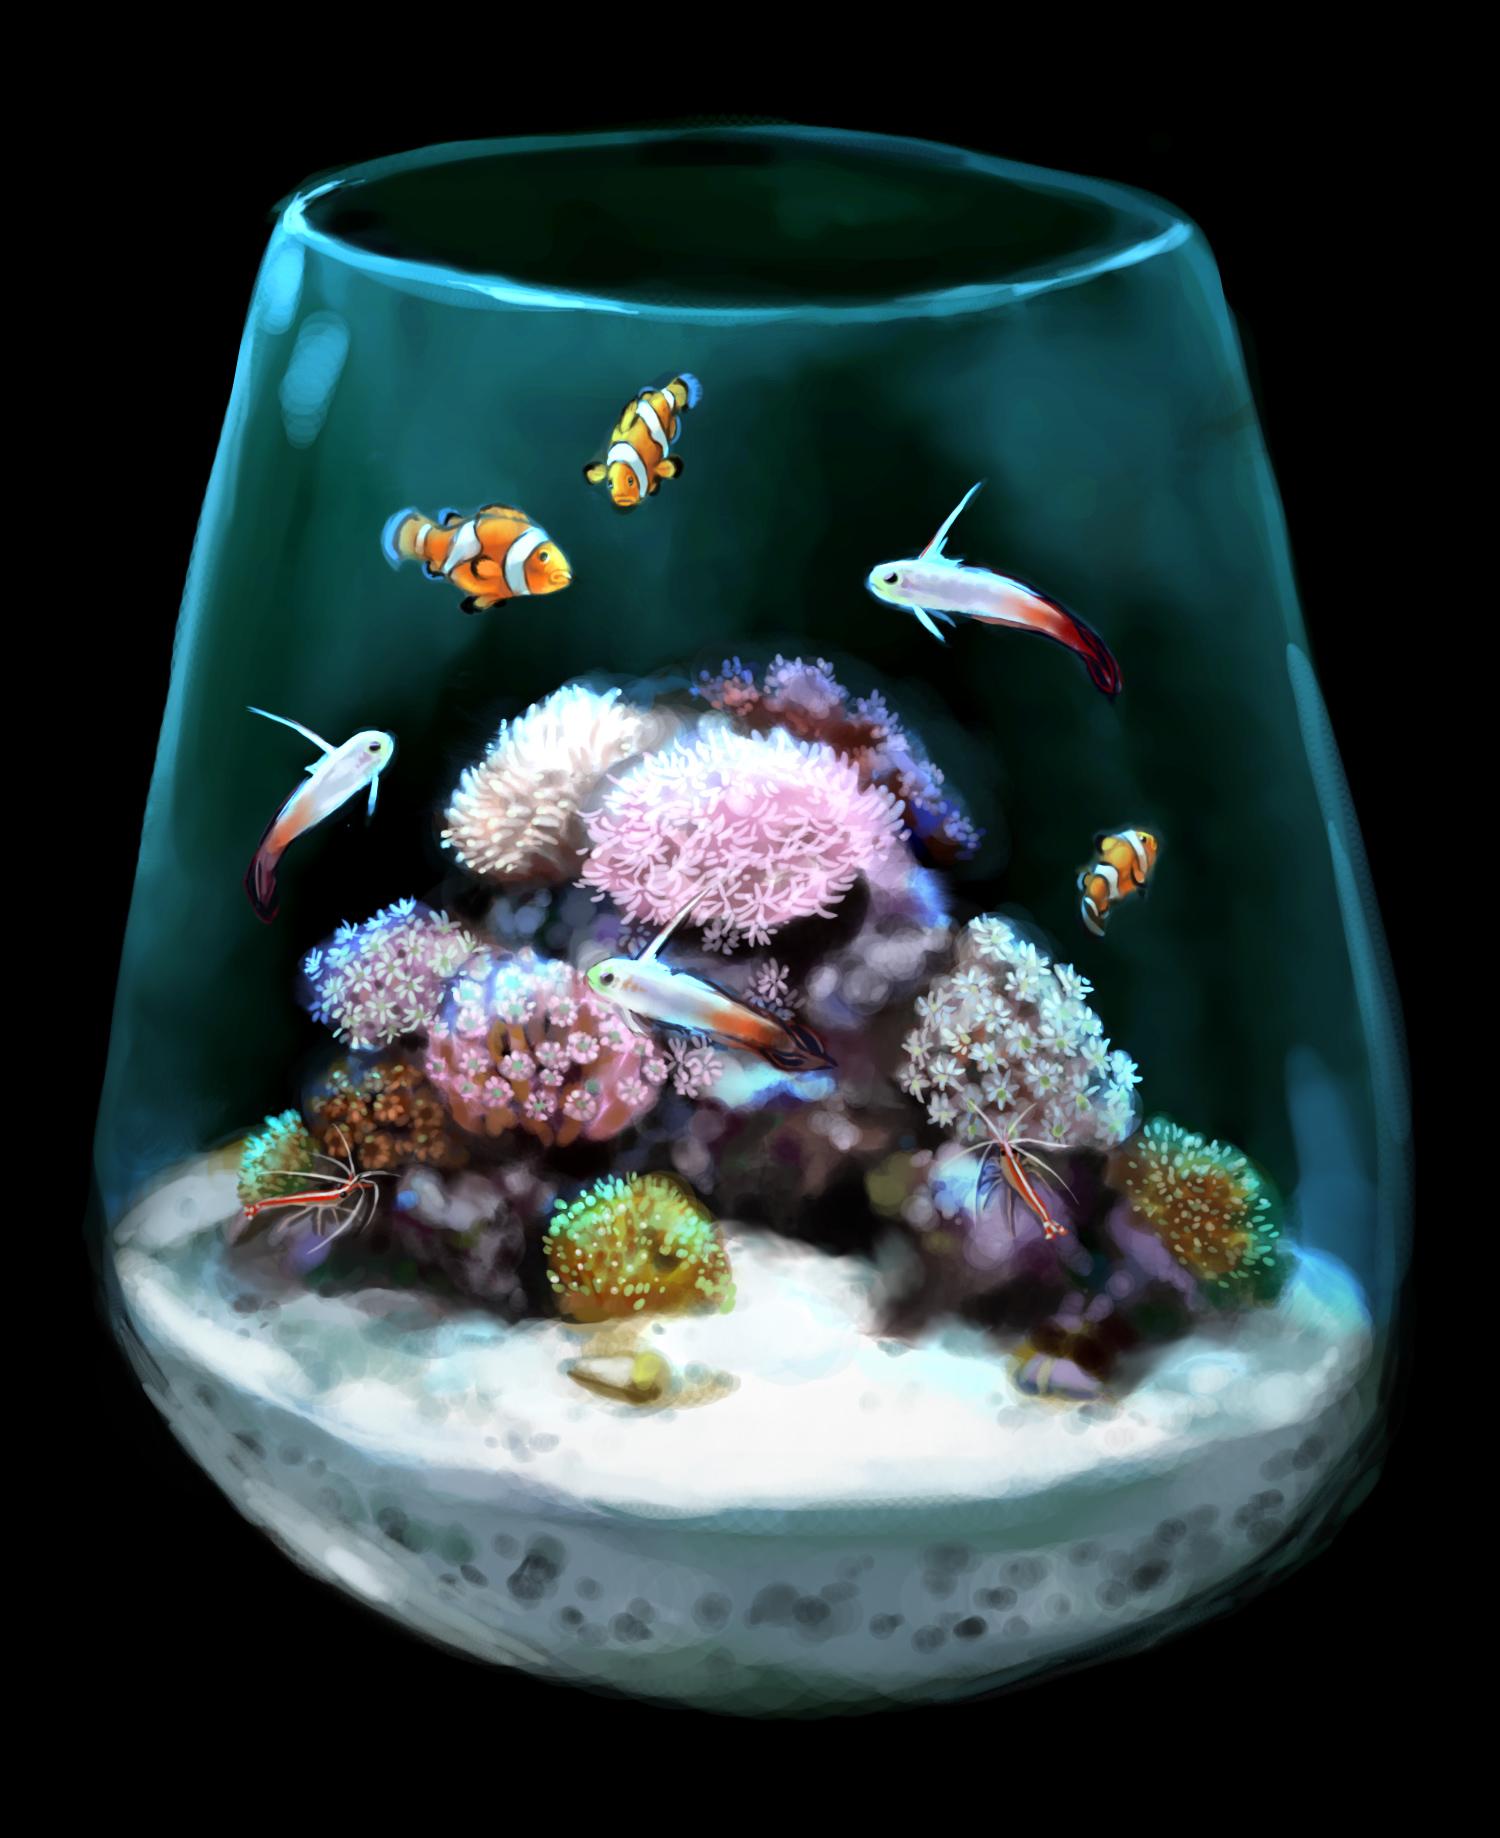 это цветы картинки с рыбками включают первую пятерку